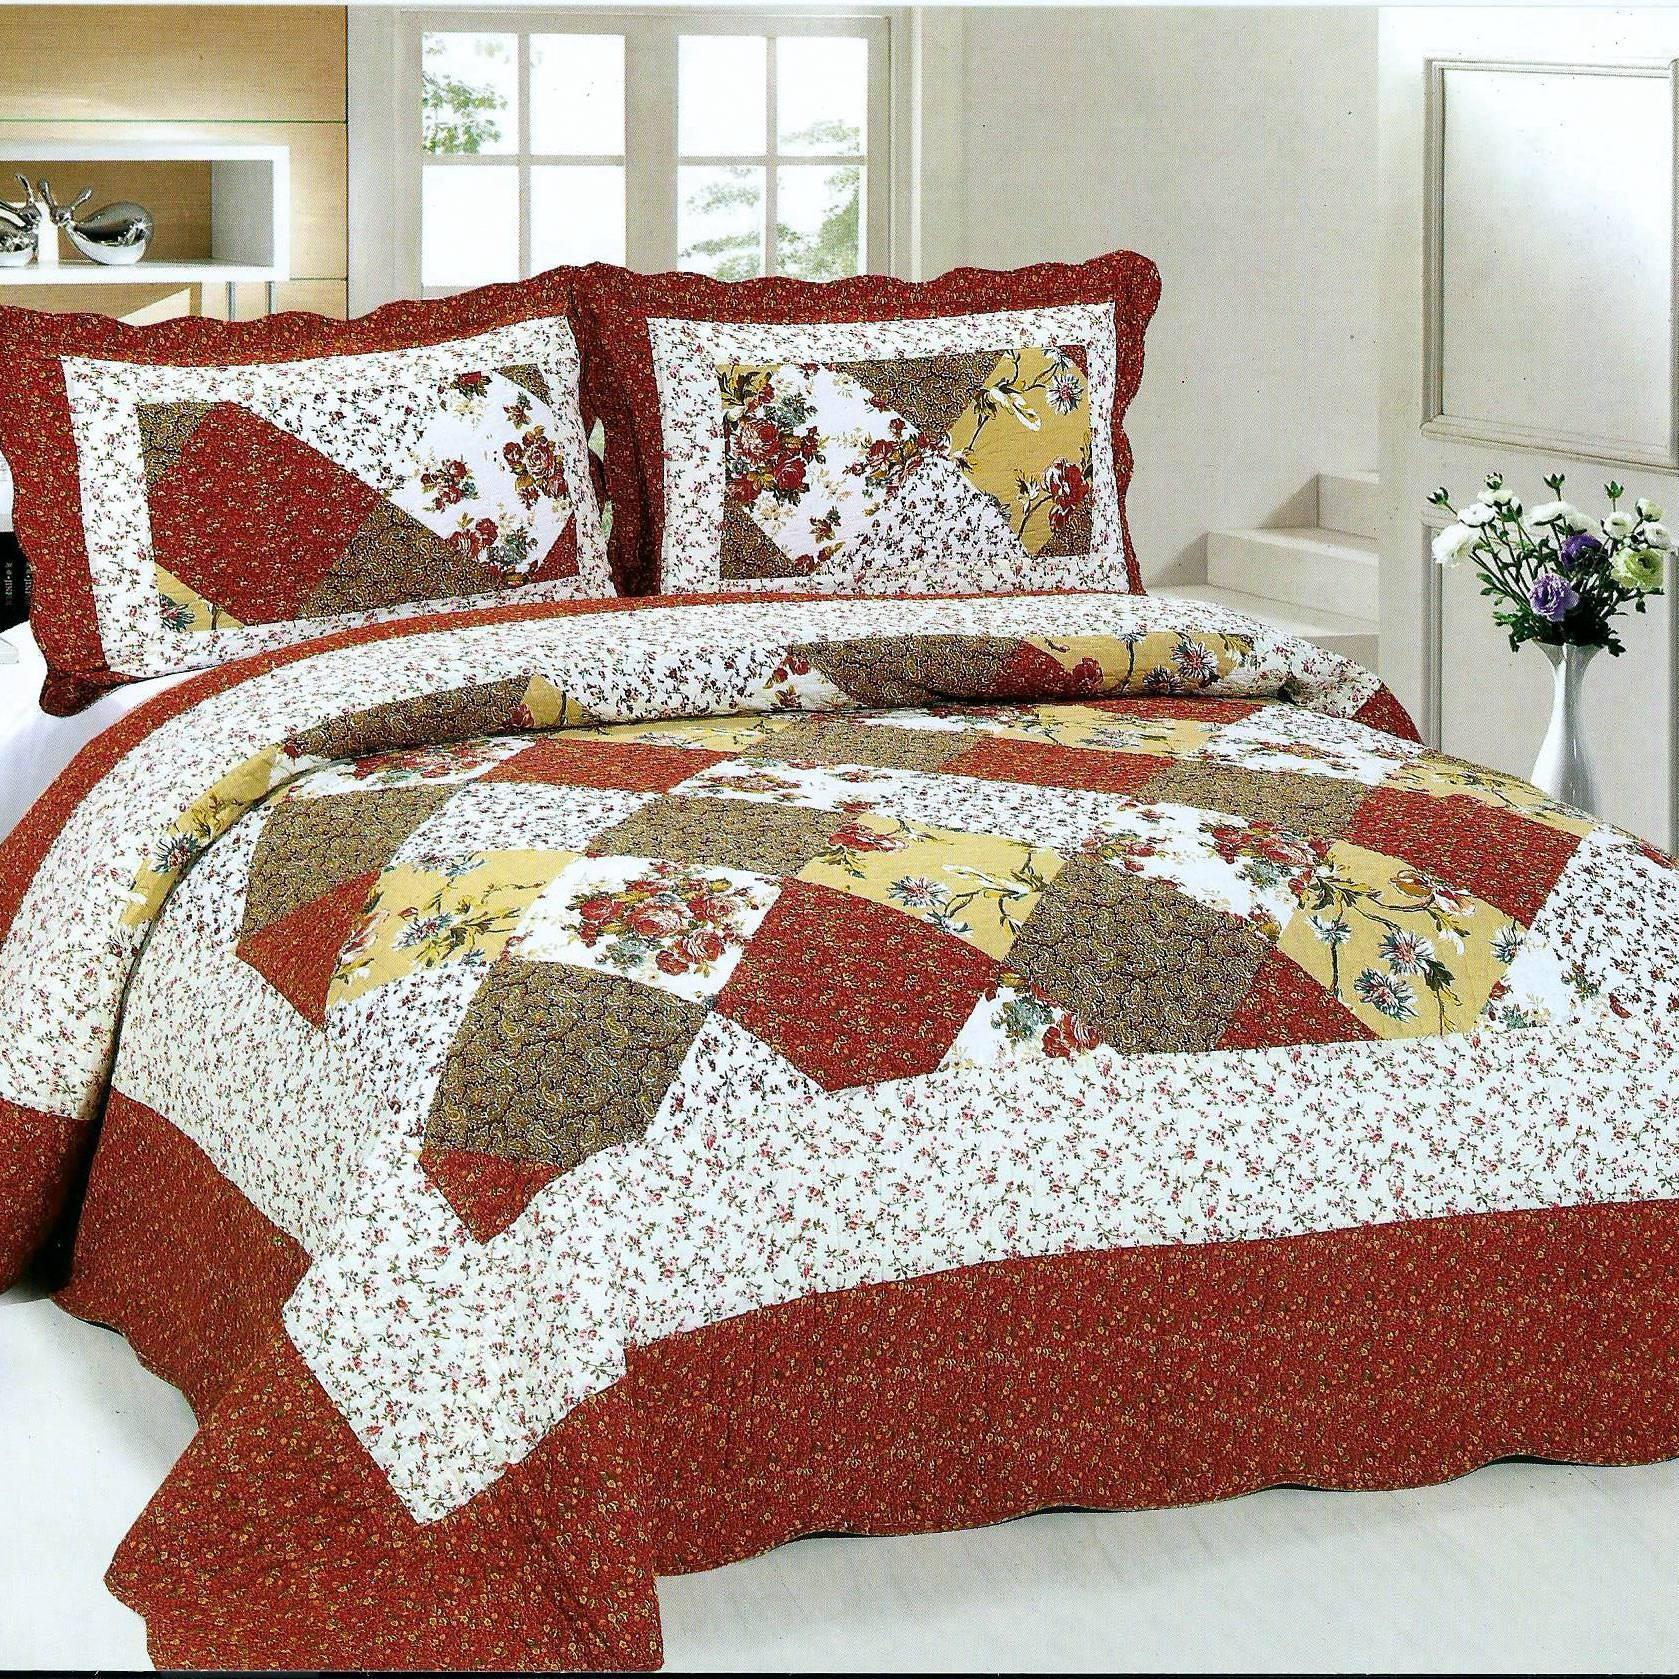 Хит продаж, комплект постельного белья из хлопка с принтом разных размеров